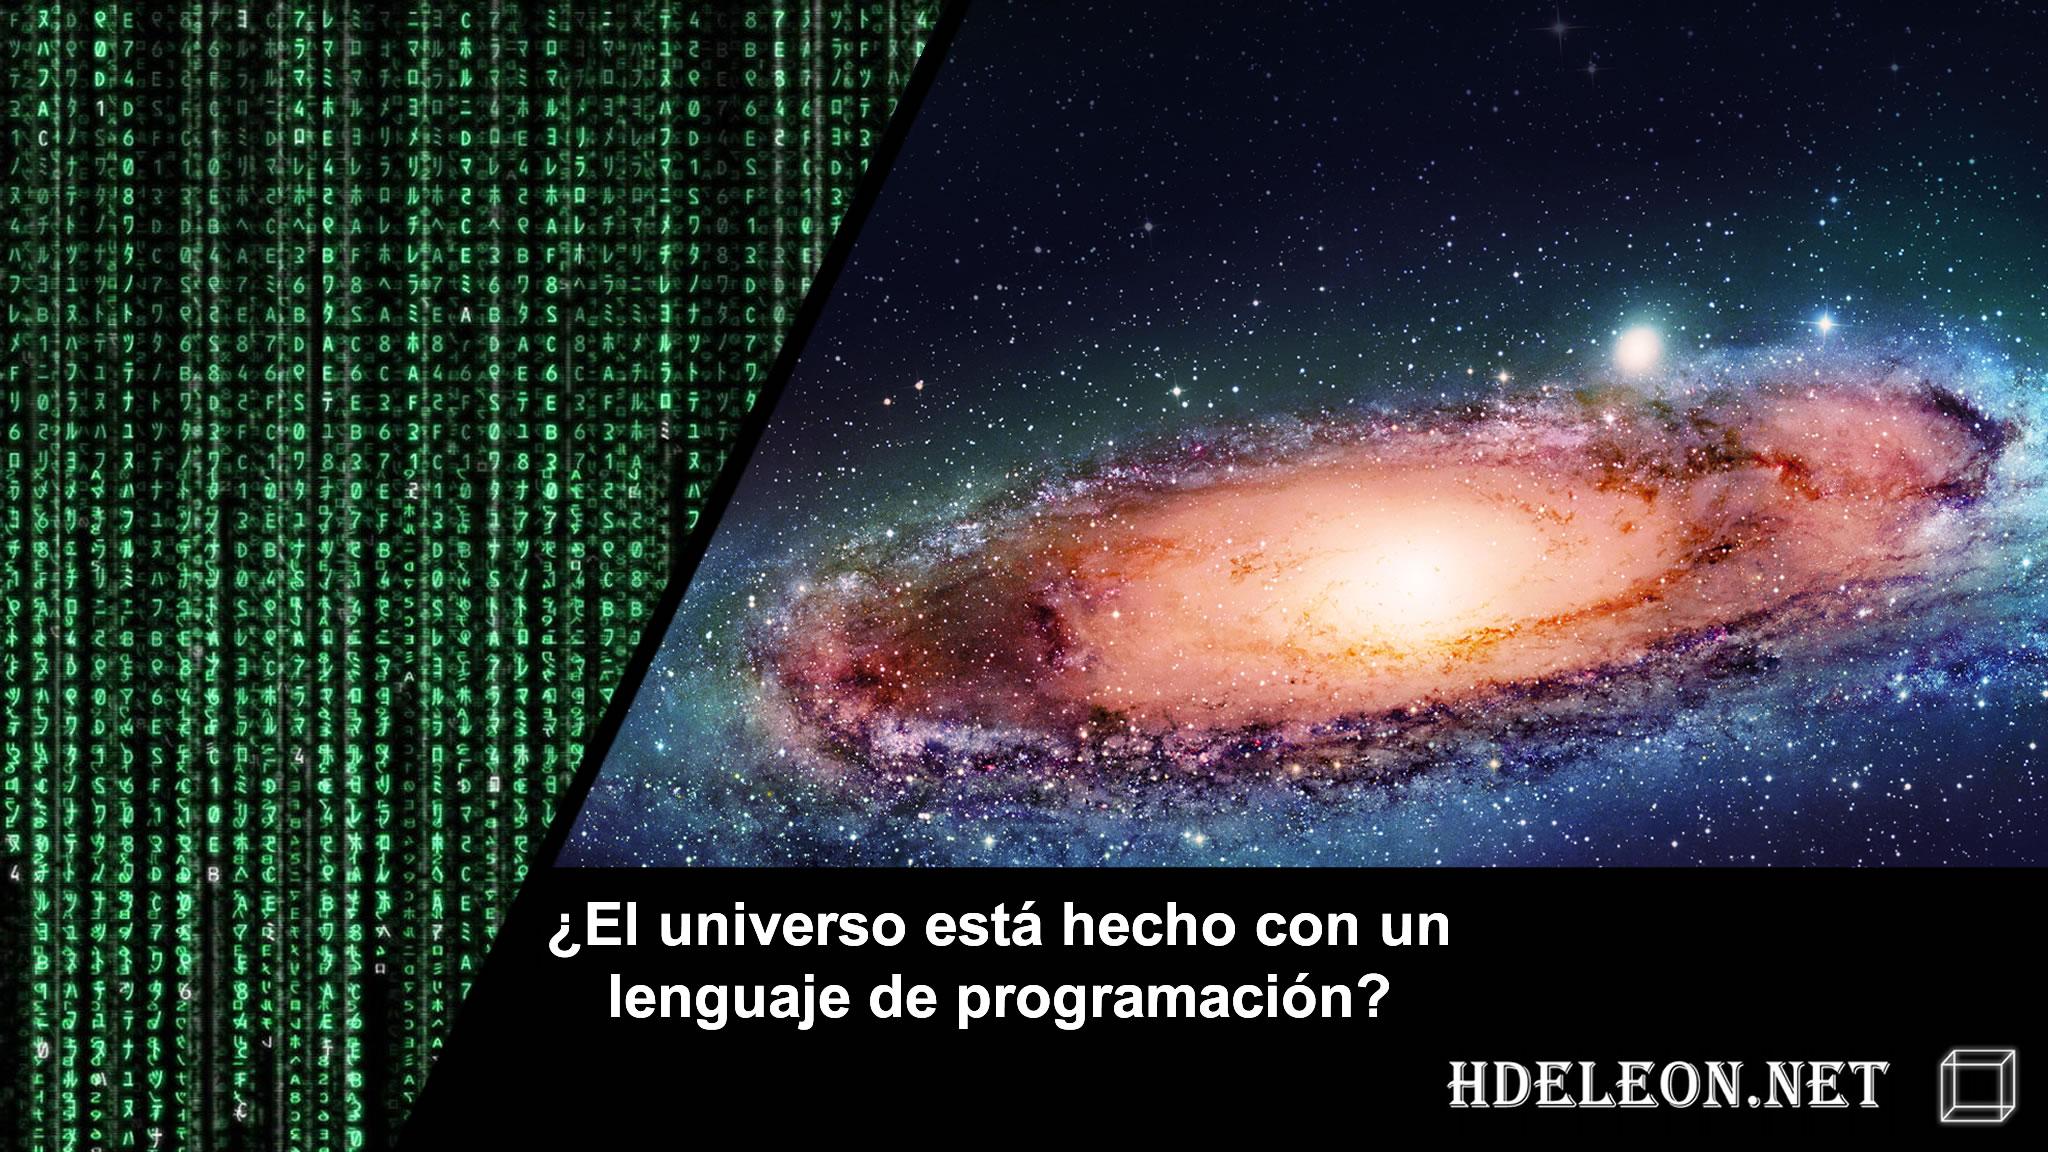 ¿El universo está hecho con un lenguaje de programación?, Conjunto de Mandelbrot